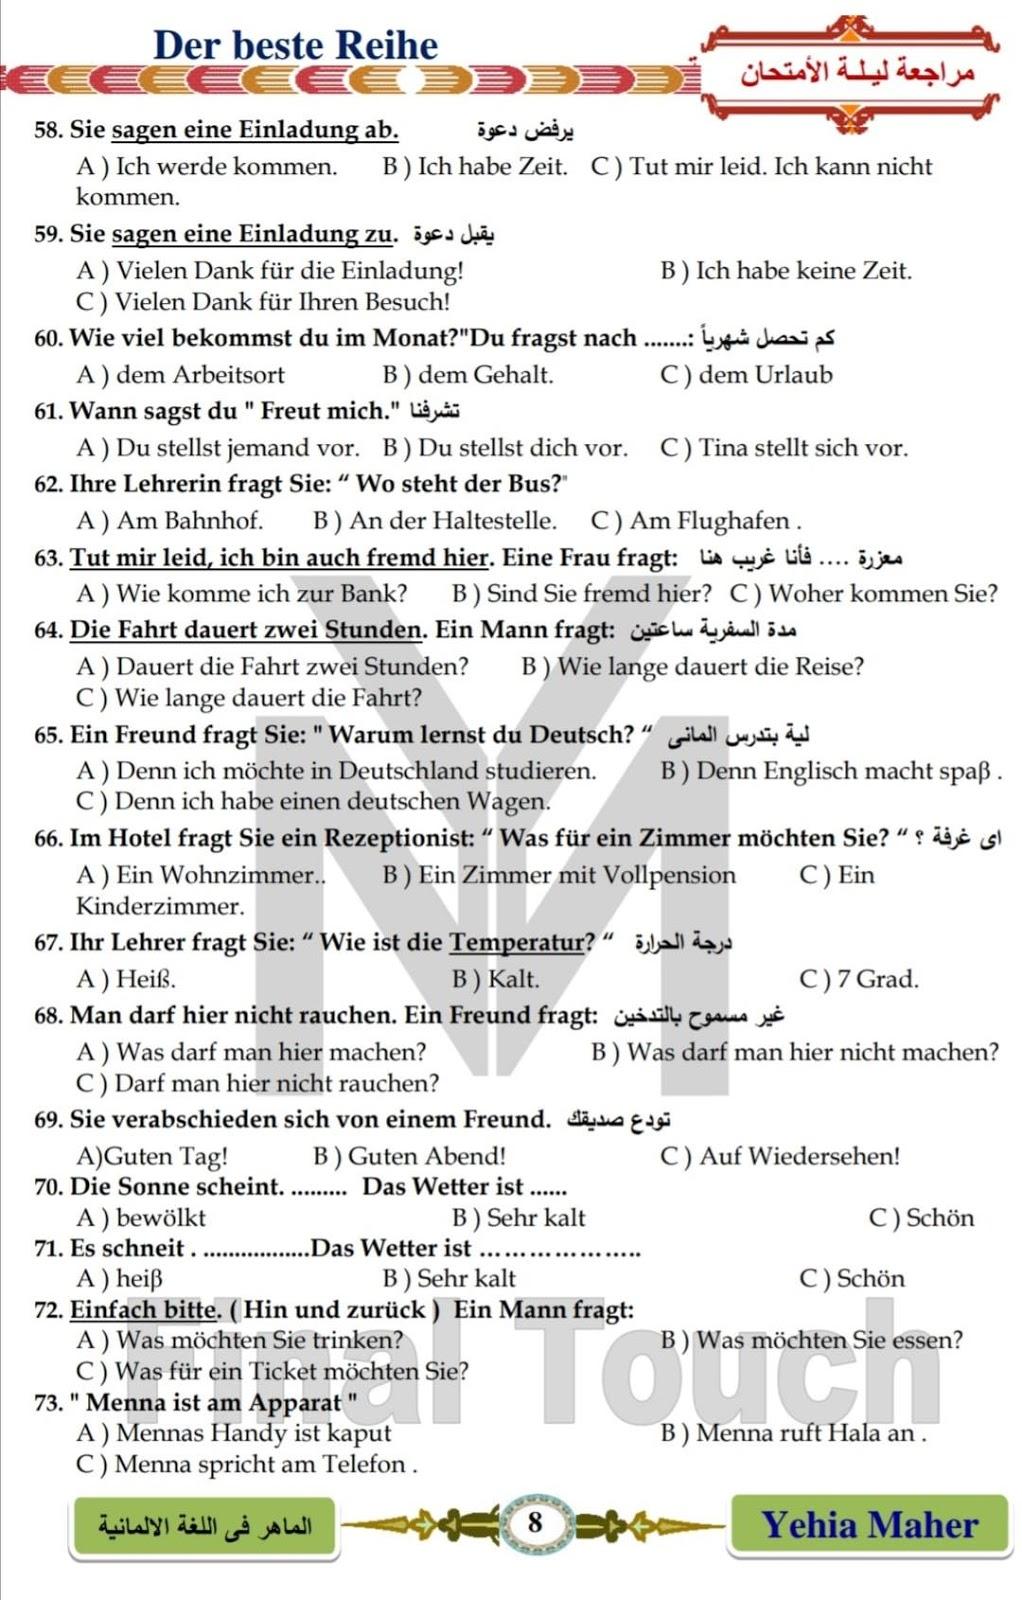 مراجعة اللغة الألمانية.. أهم أسئلة ليلة امتحان الثانوية العامة هير / يحيي ماهر 8